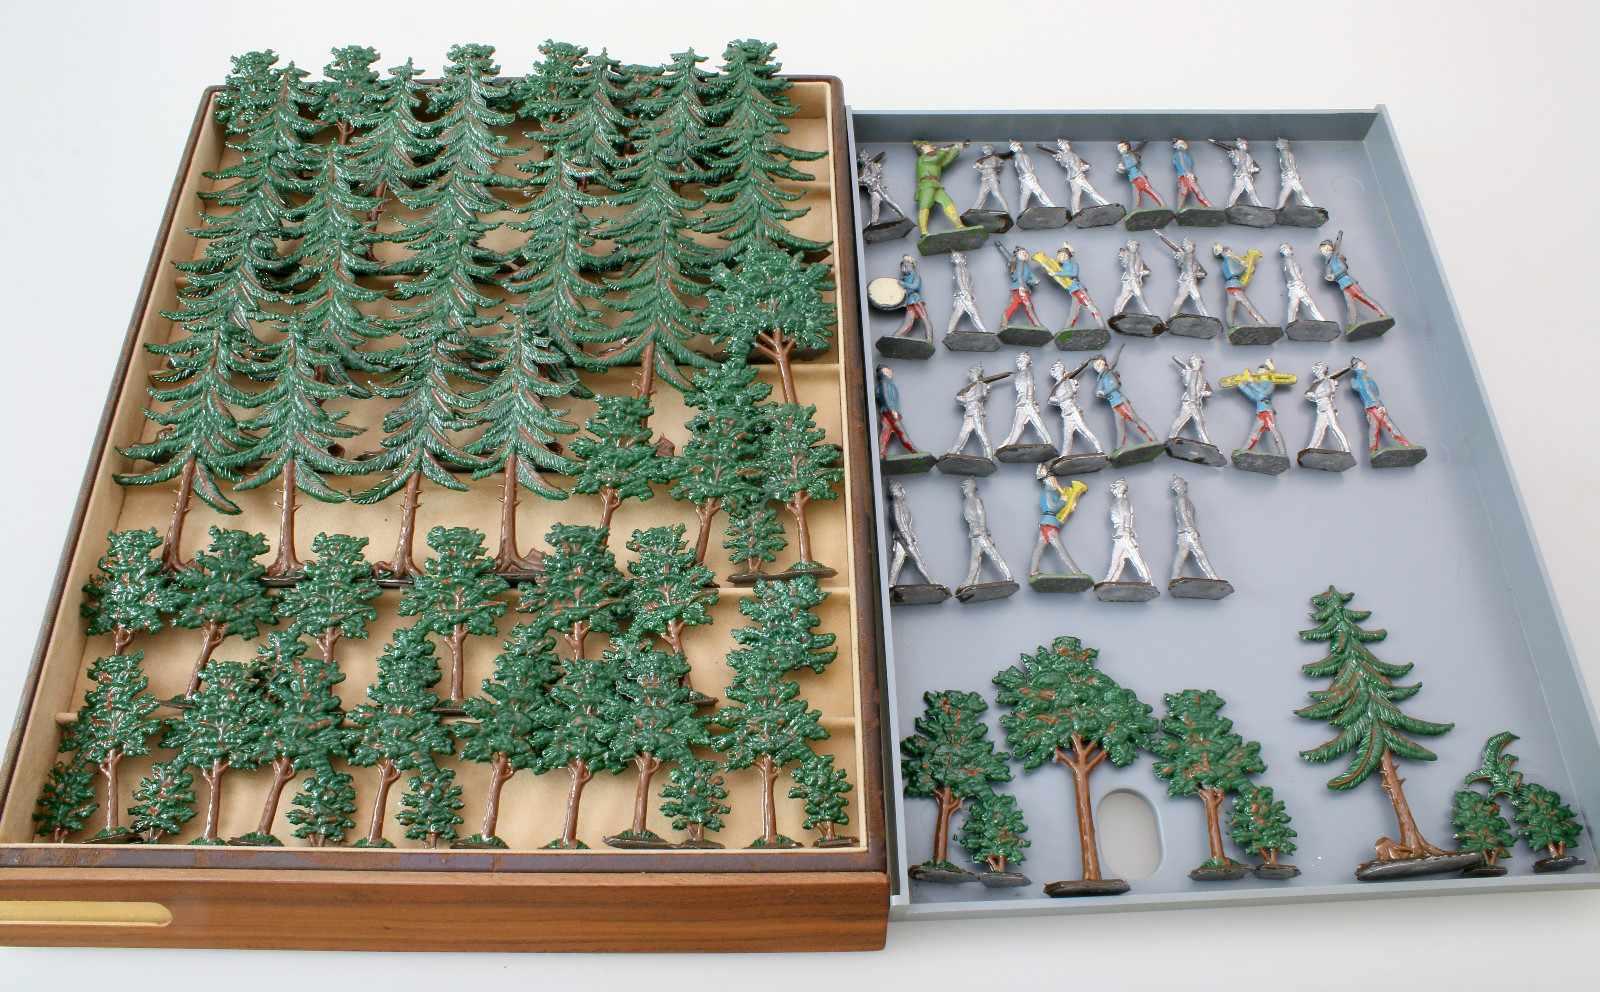 Zinnfiguren - 52 Bäume und 32 SoldatenBäume polychrom staffiert - unbespielt, Soldaten teils